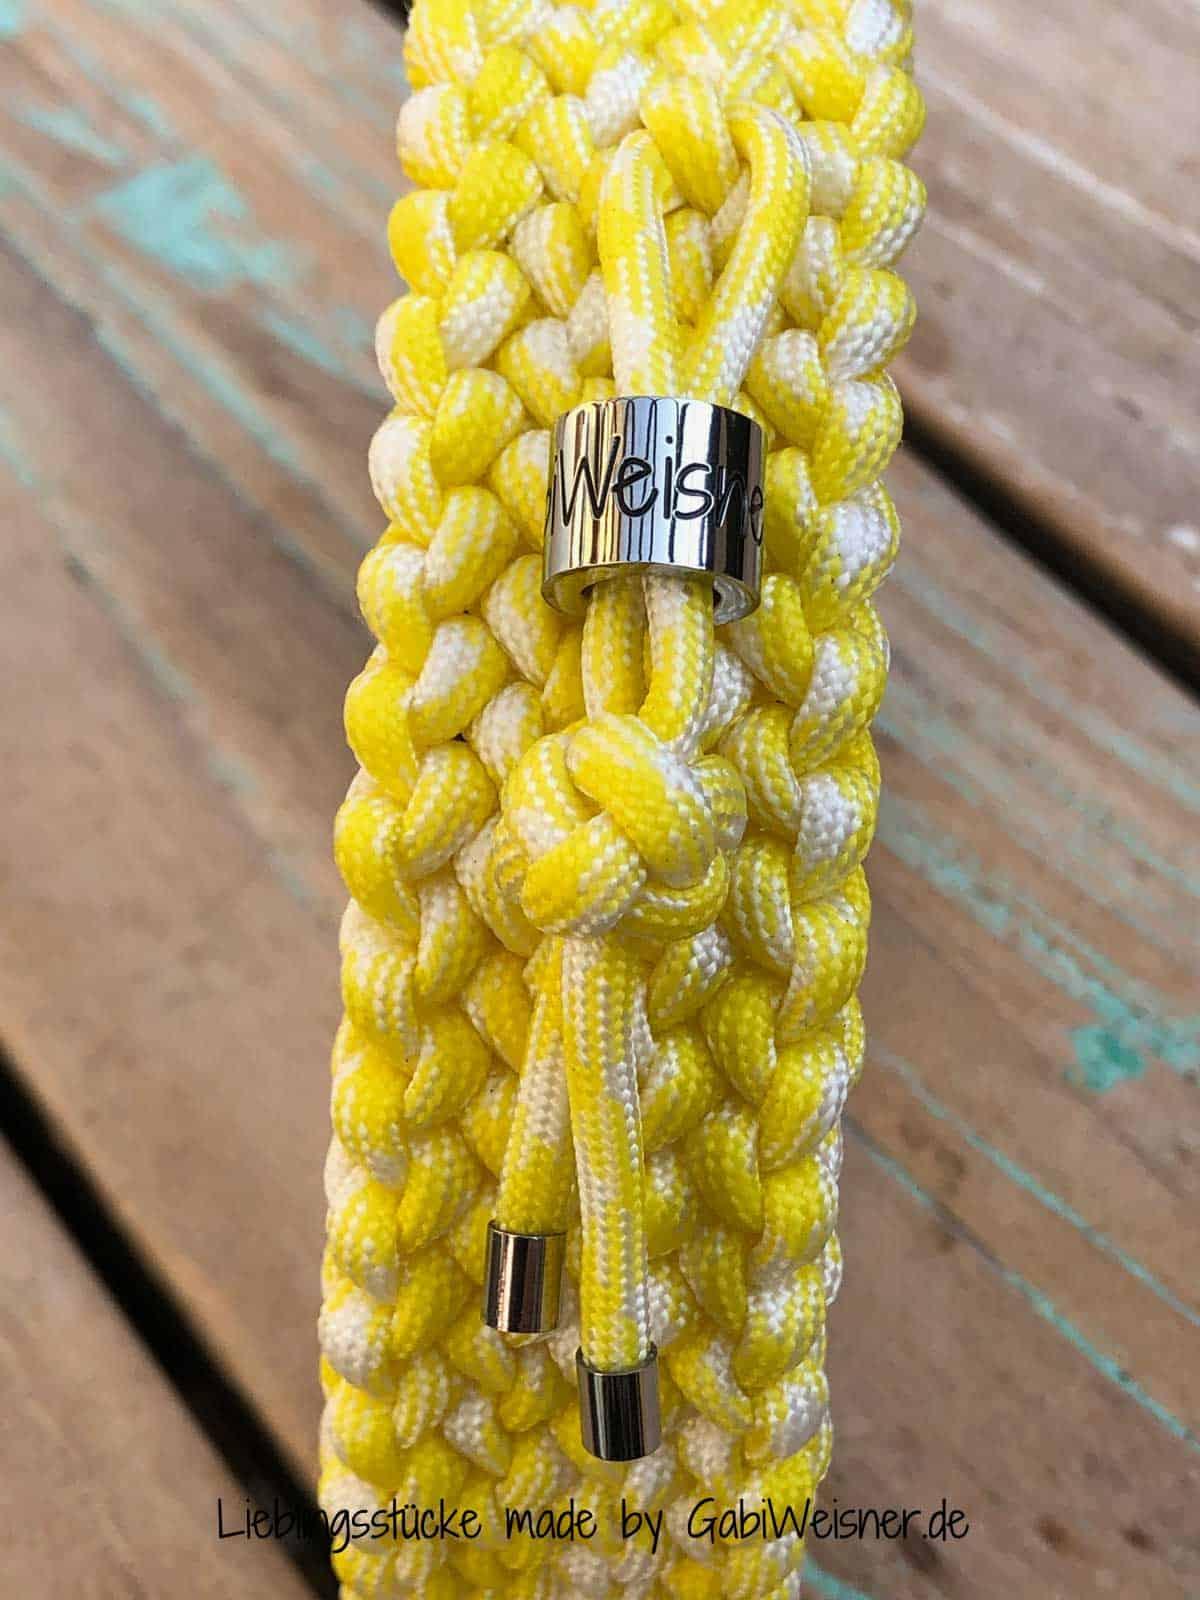 Paracord Hundehalsband 3 cm breit, Gelb/Weiß und stufenlos verstellbar